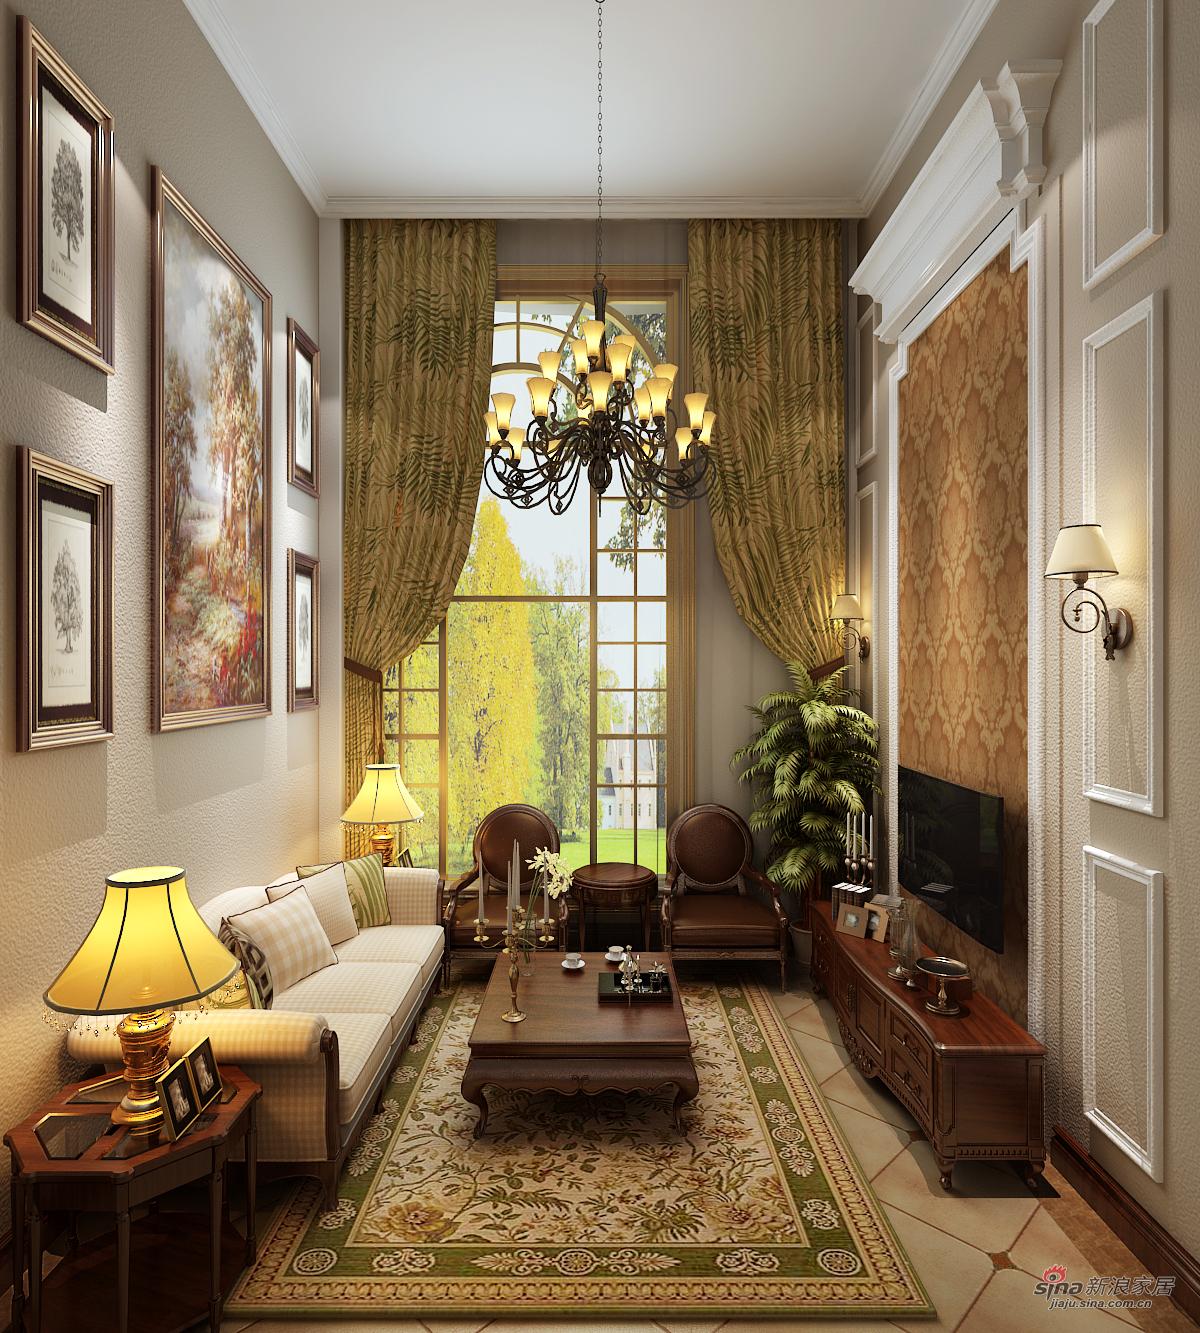 美式 三居 客厅图片来自用户1907686233在北京华贸城29的分享